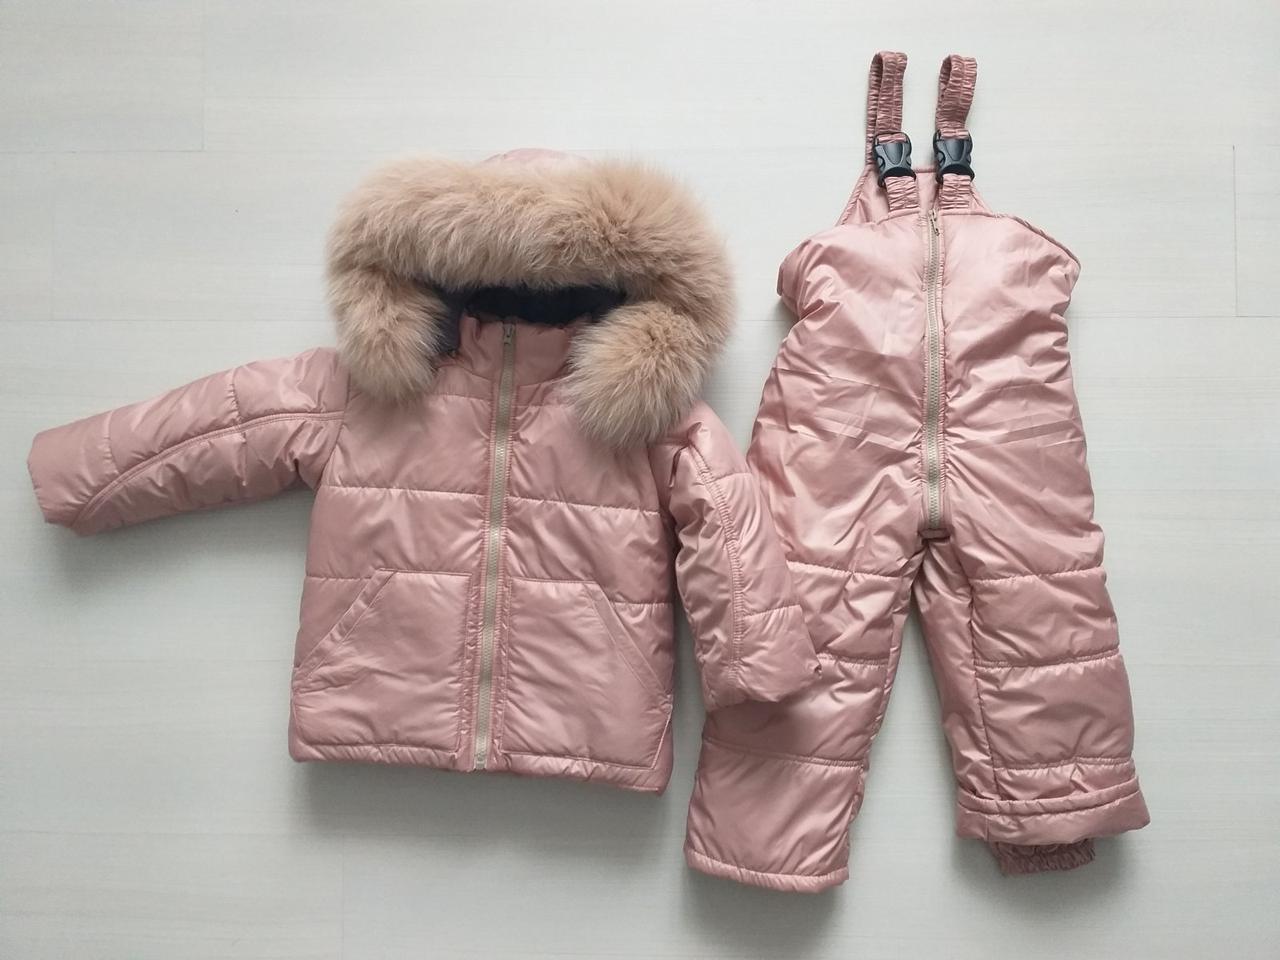 Зимние костюмы куртка и полукомбинезон на мальчика и девочку